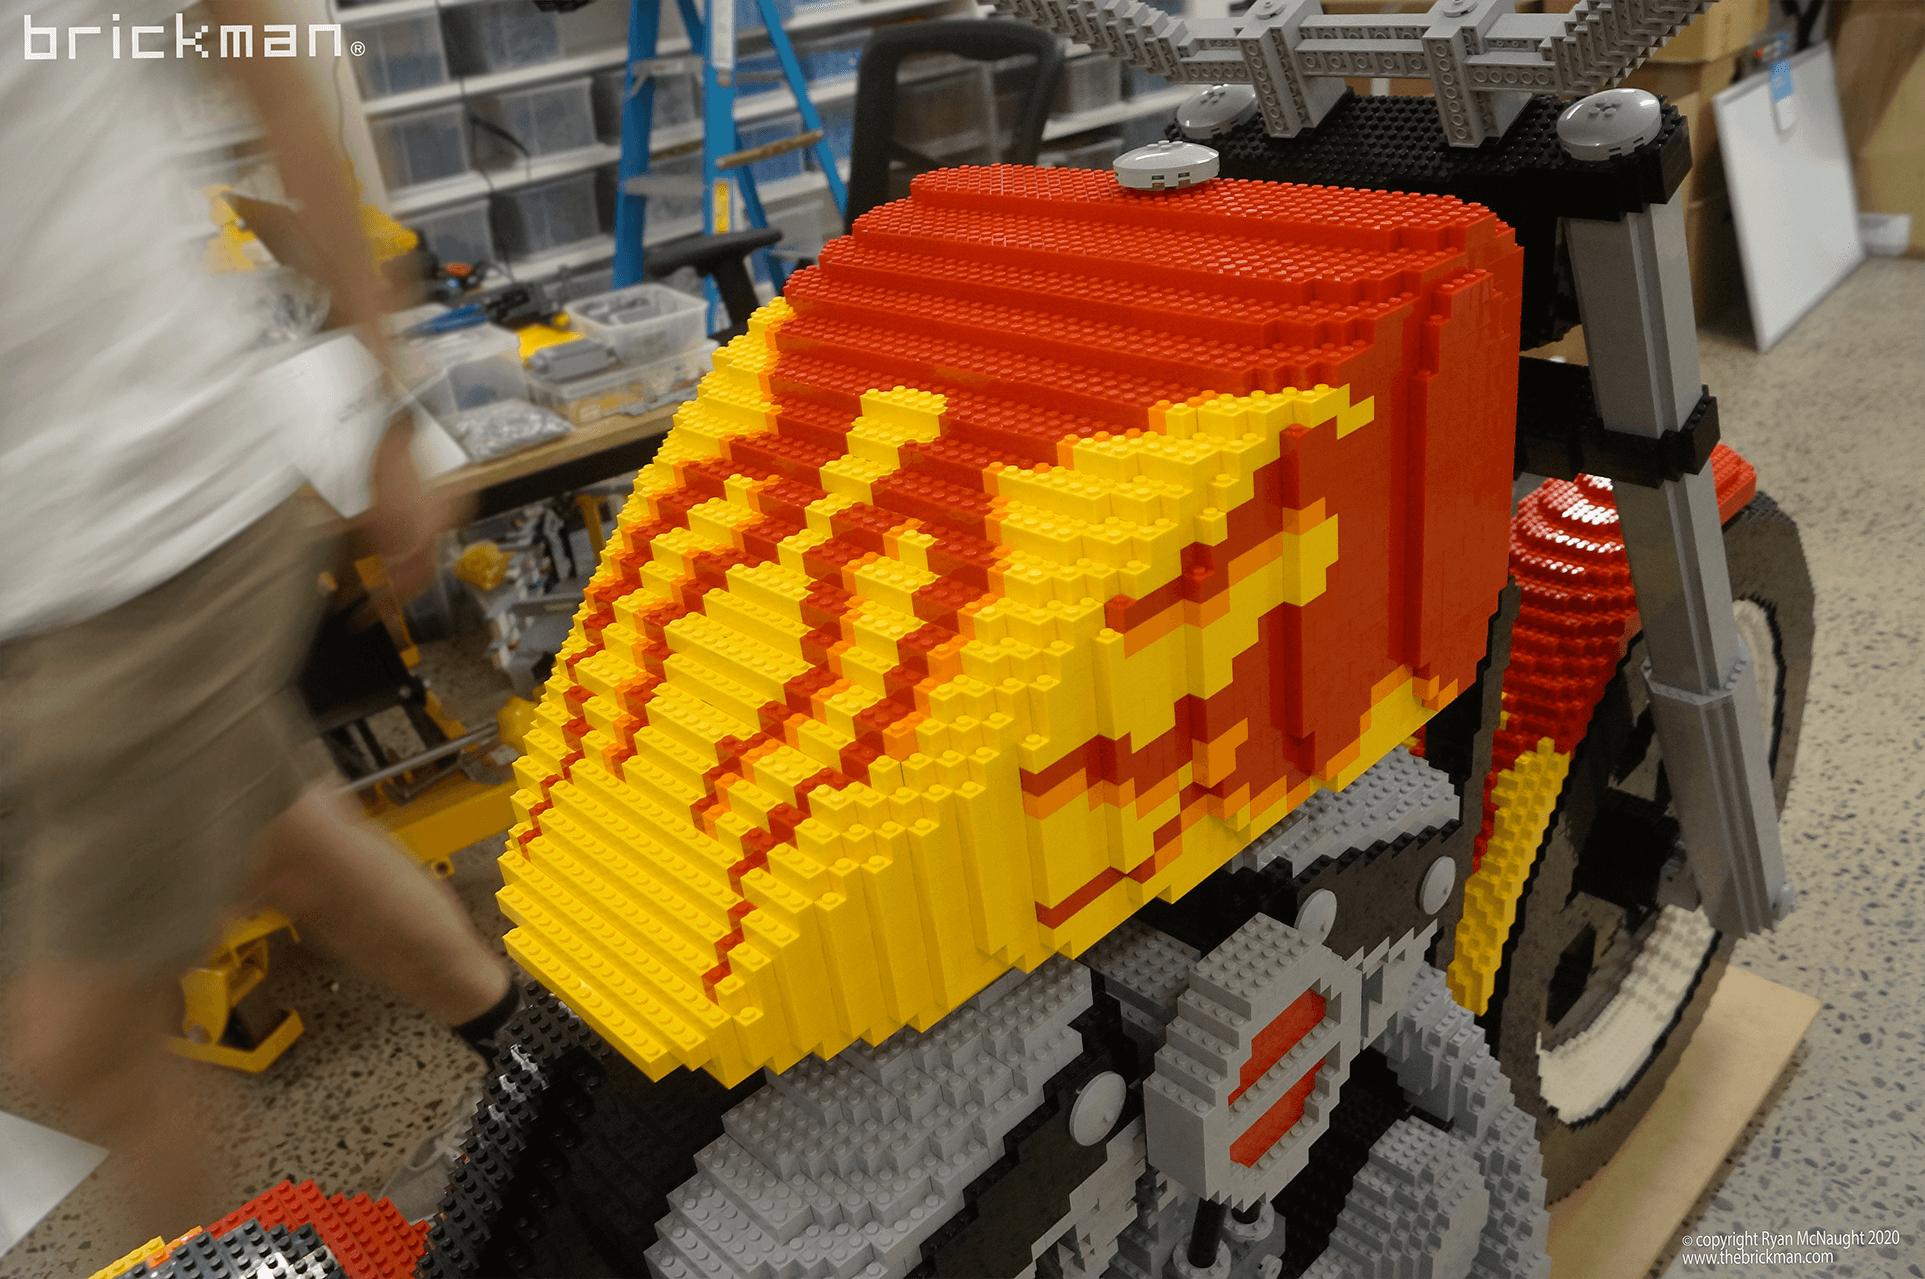 Smash and grab bike flames